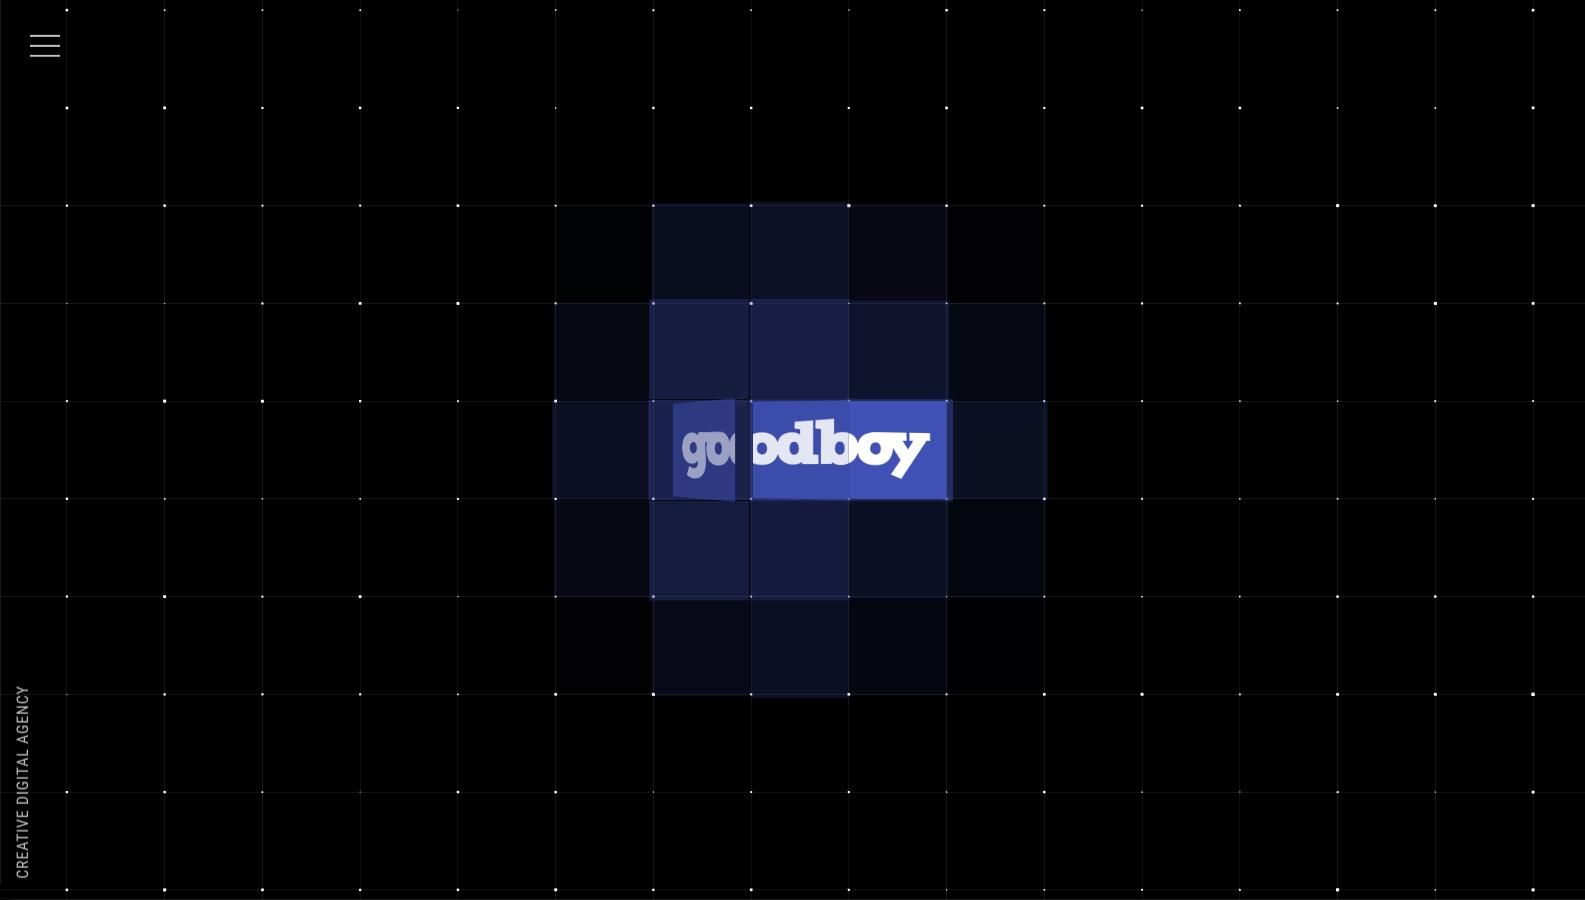 Goodboy Digital